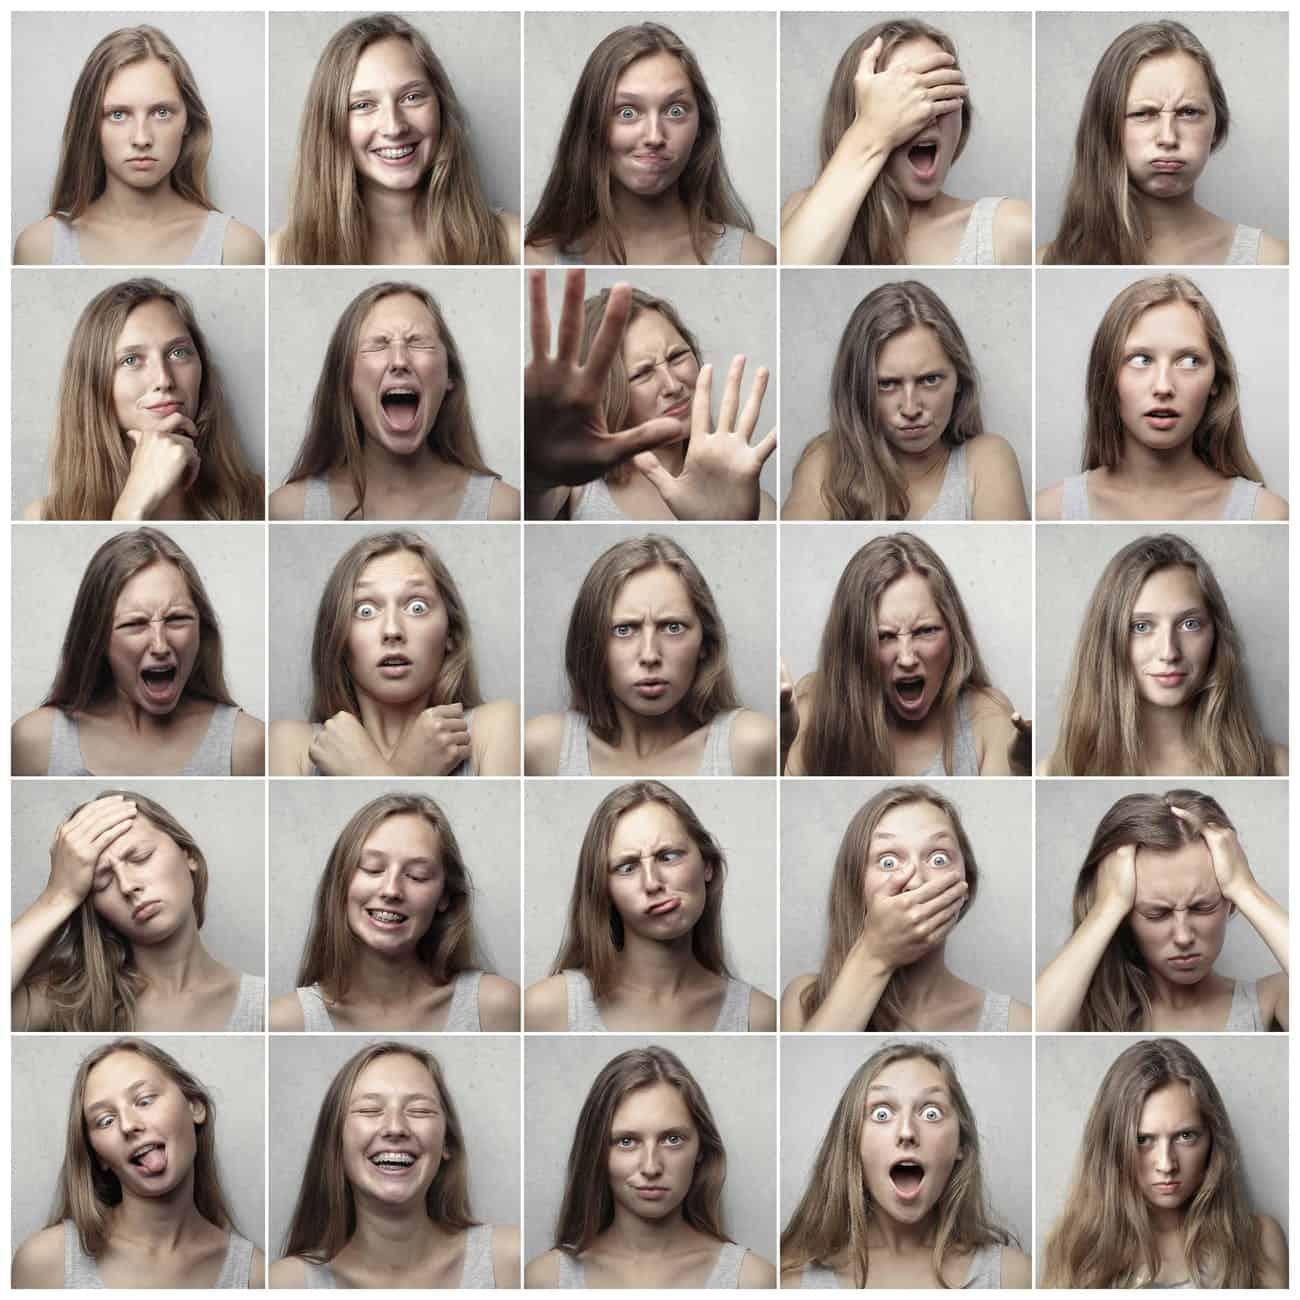 Gesichter von Prüfungsangst, collage photo of woman